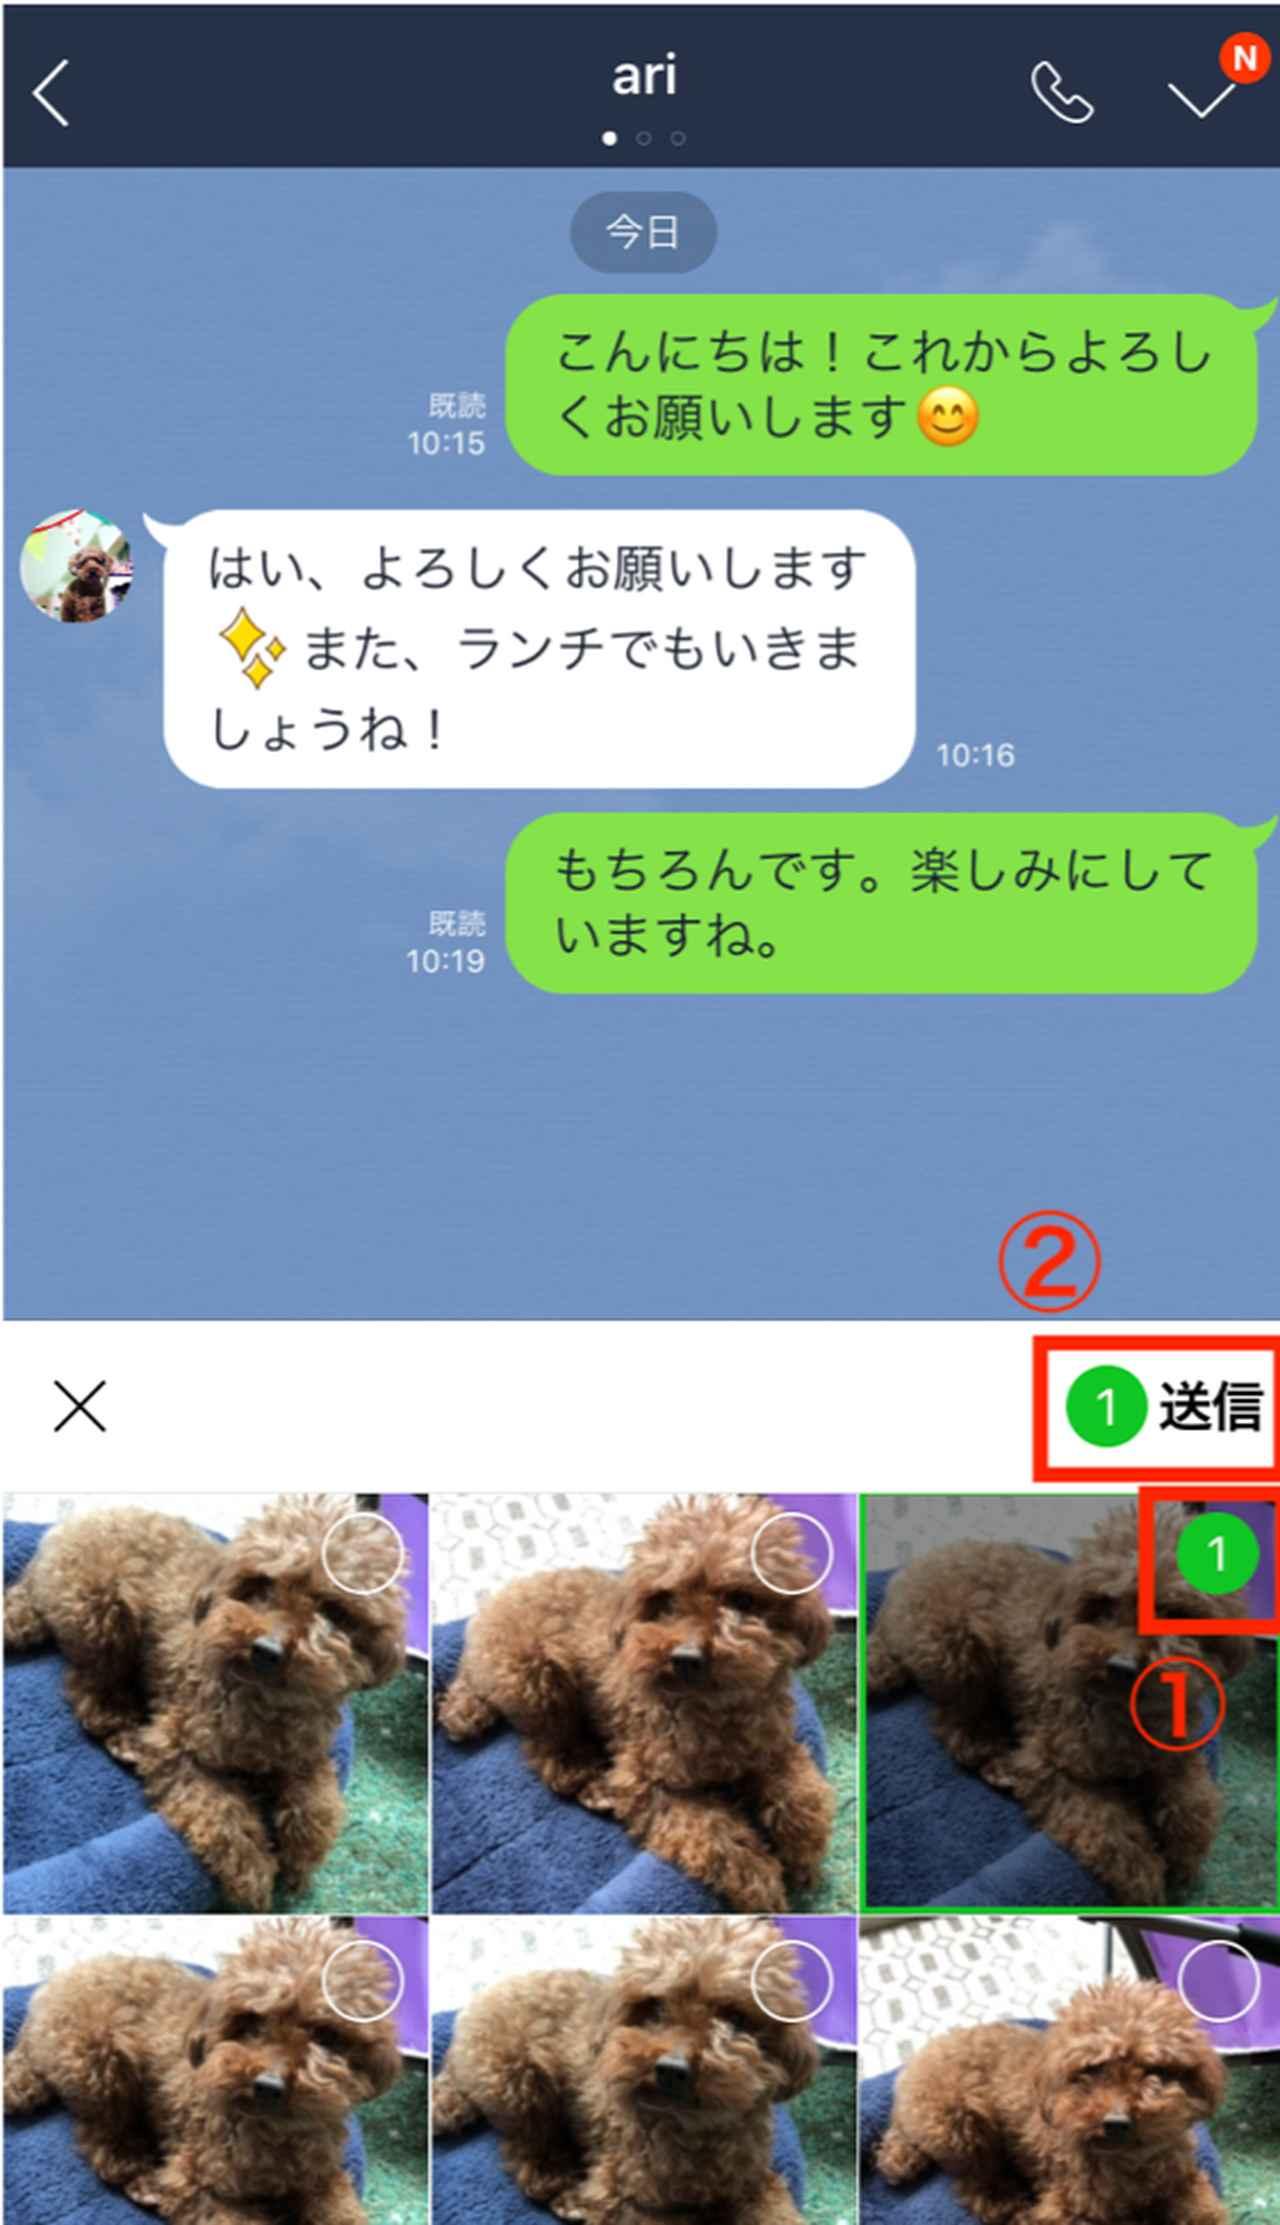 画像: iPhoneに保存されている写真が最新のものから順に表示されるので、送りたい写真をタッチ(①)します。選択し終わったら「送信」をタッチ(②)。